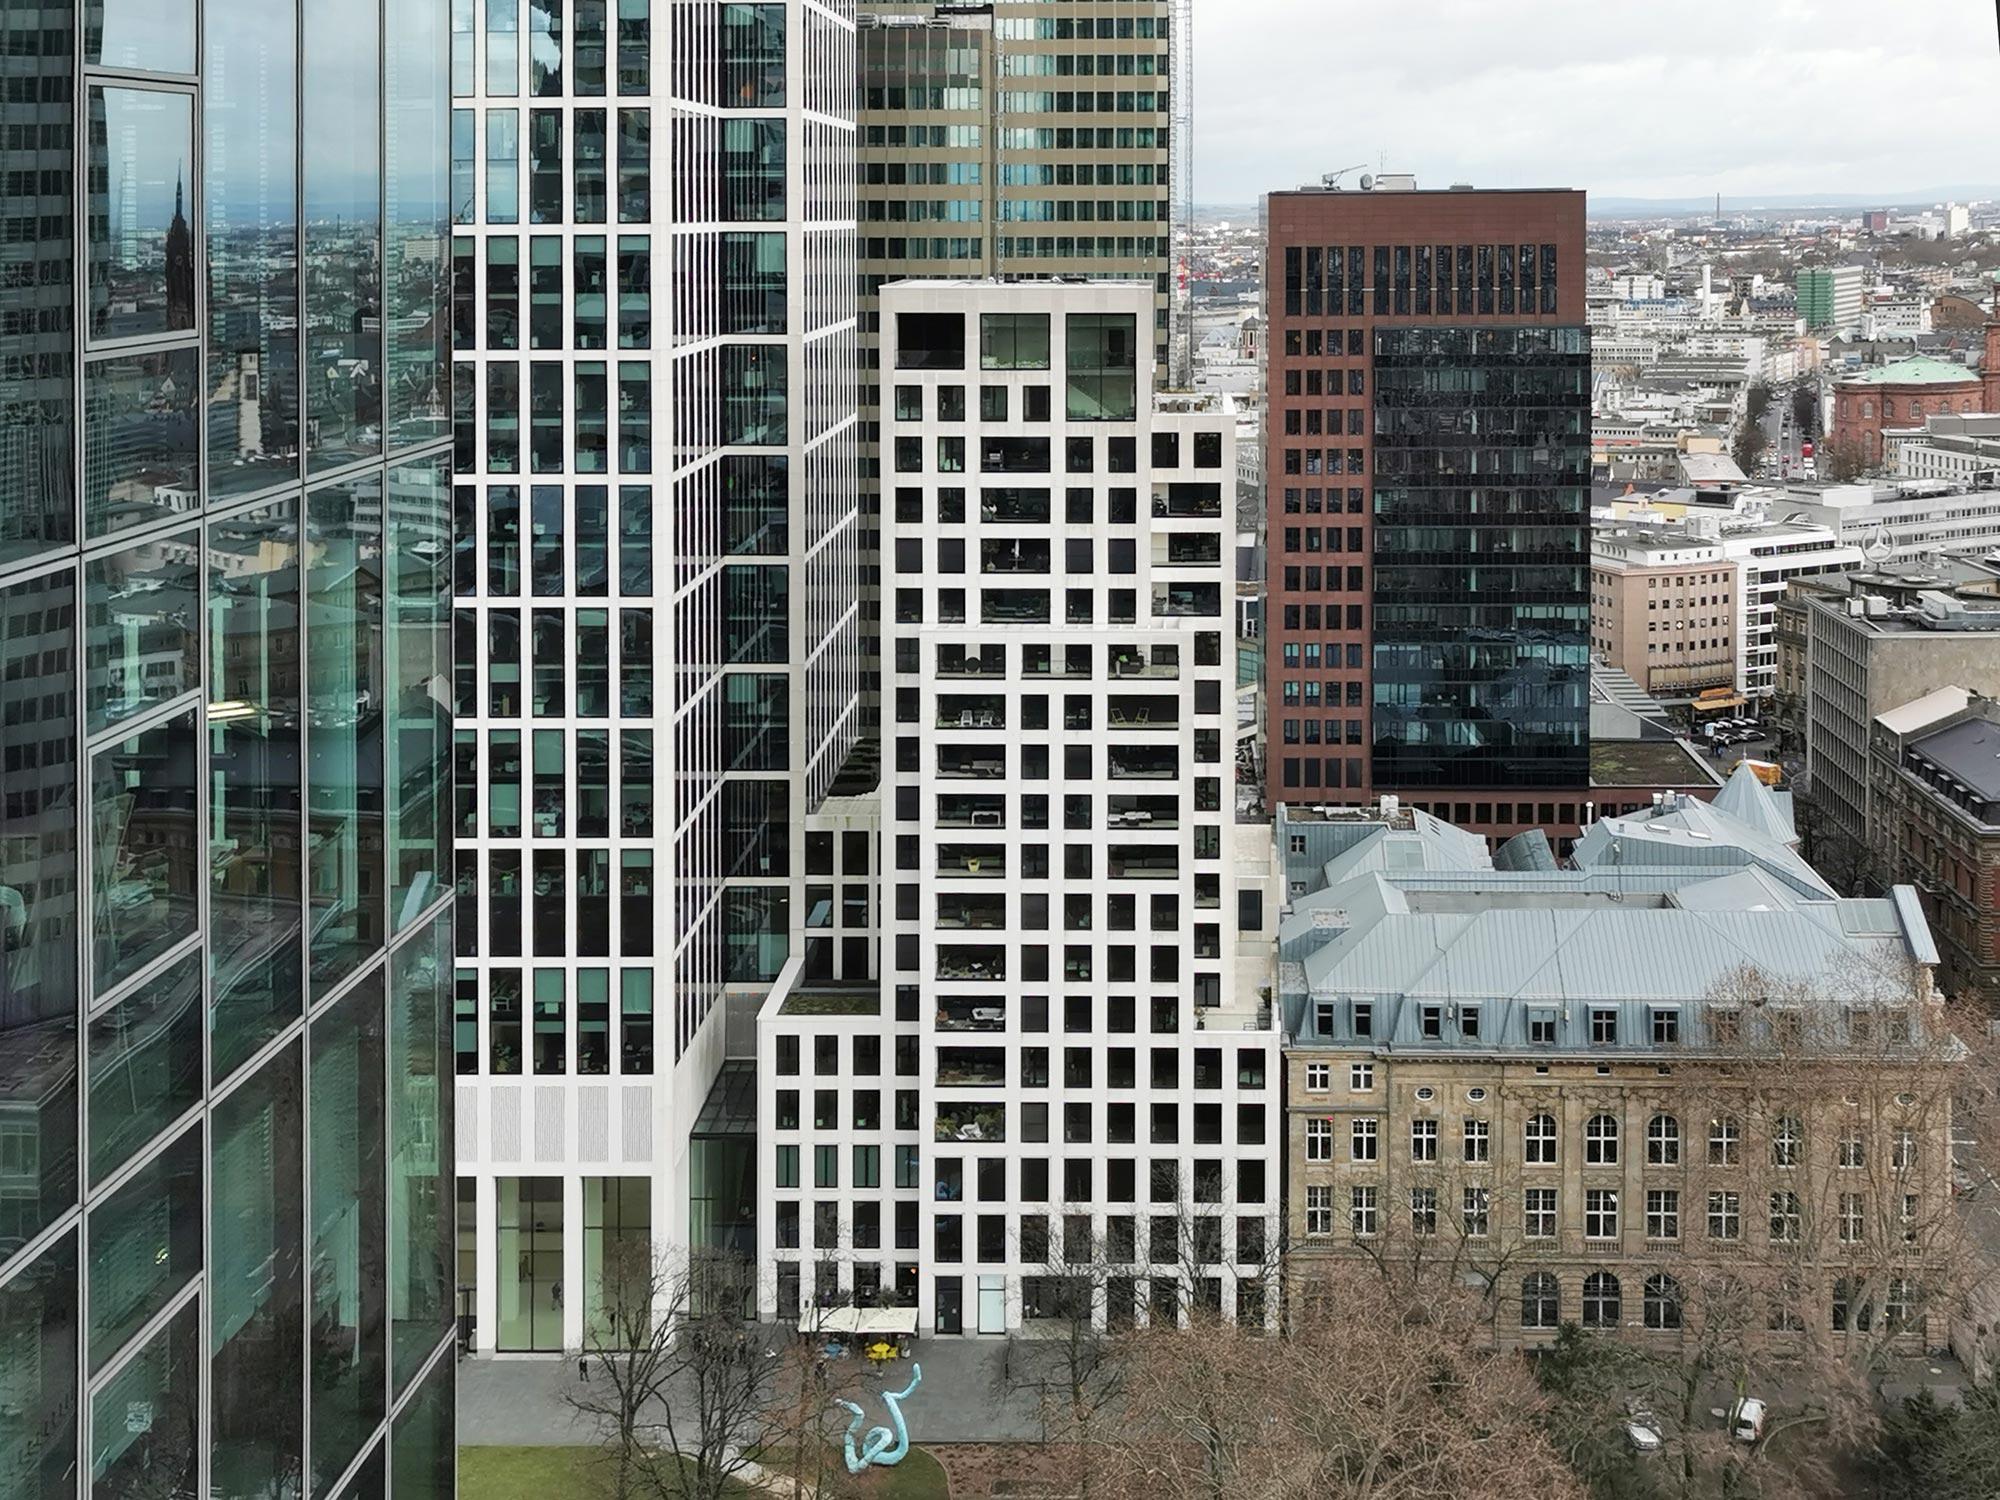 Taunus Turm Residential Frankfurt - Gallusanlage CBD Wohnturm mit Luxuswohnungen